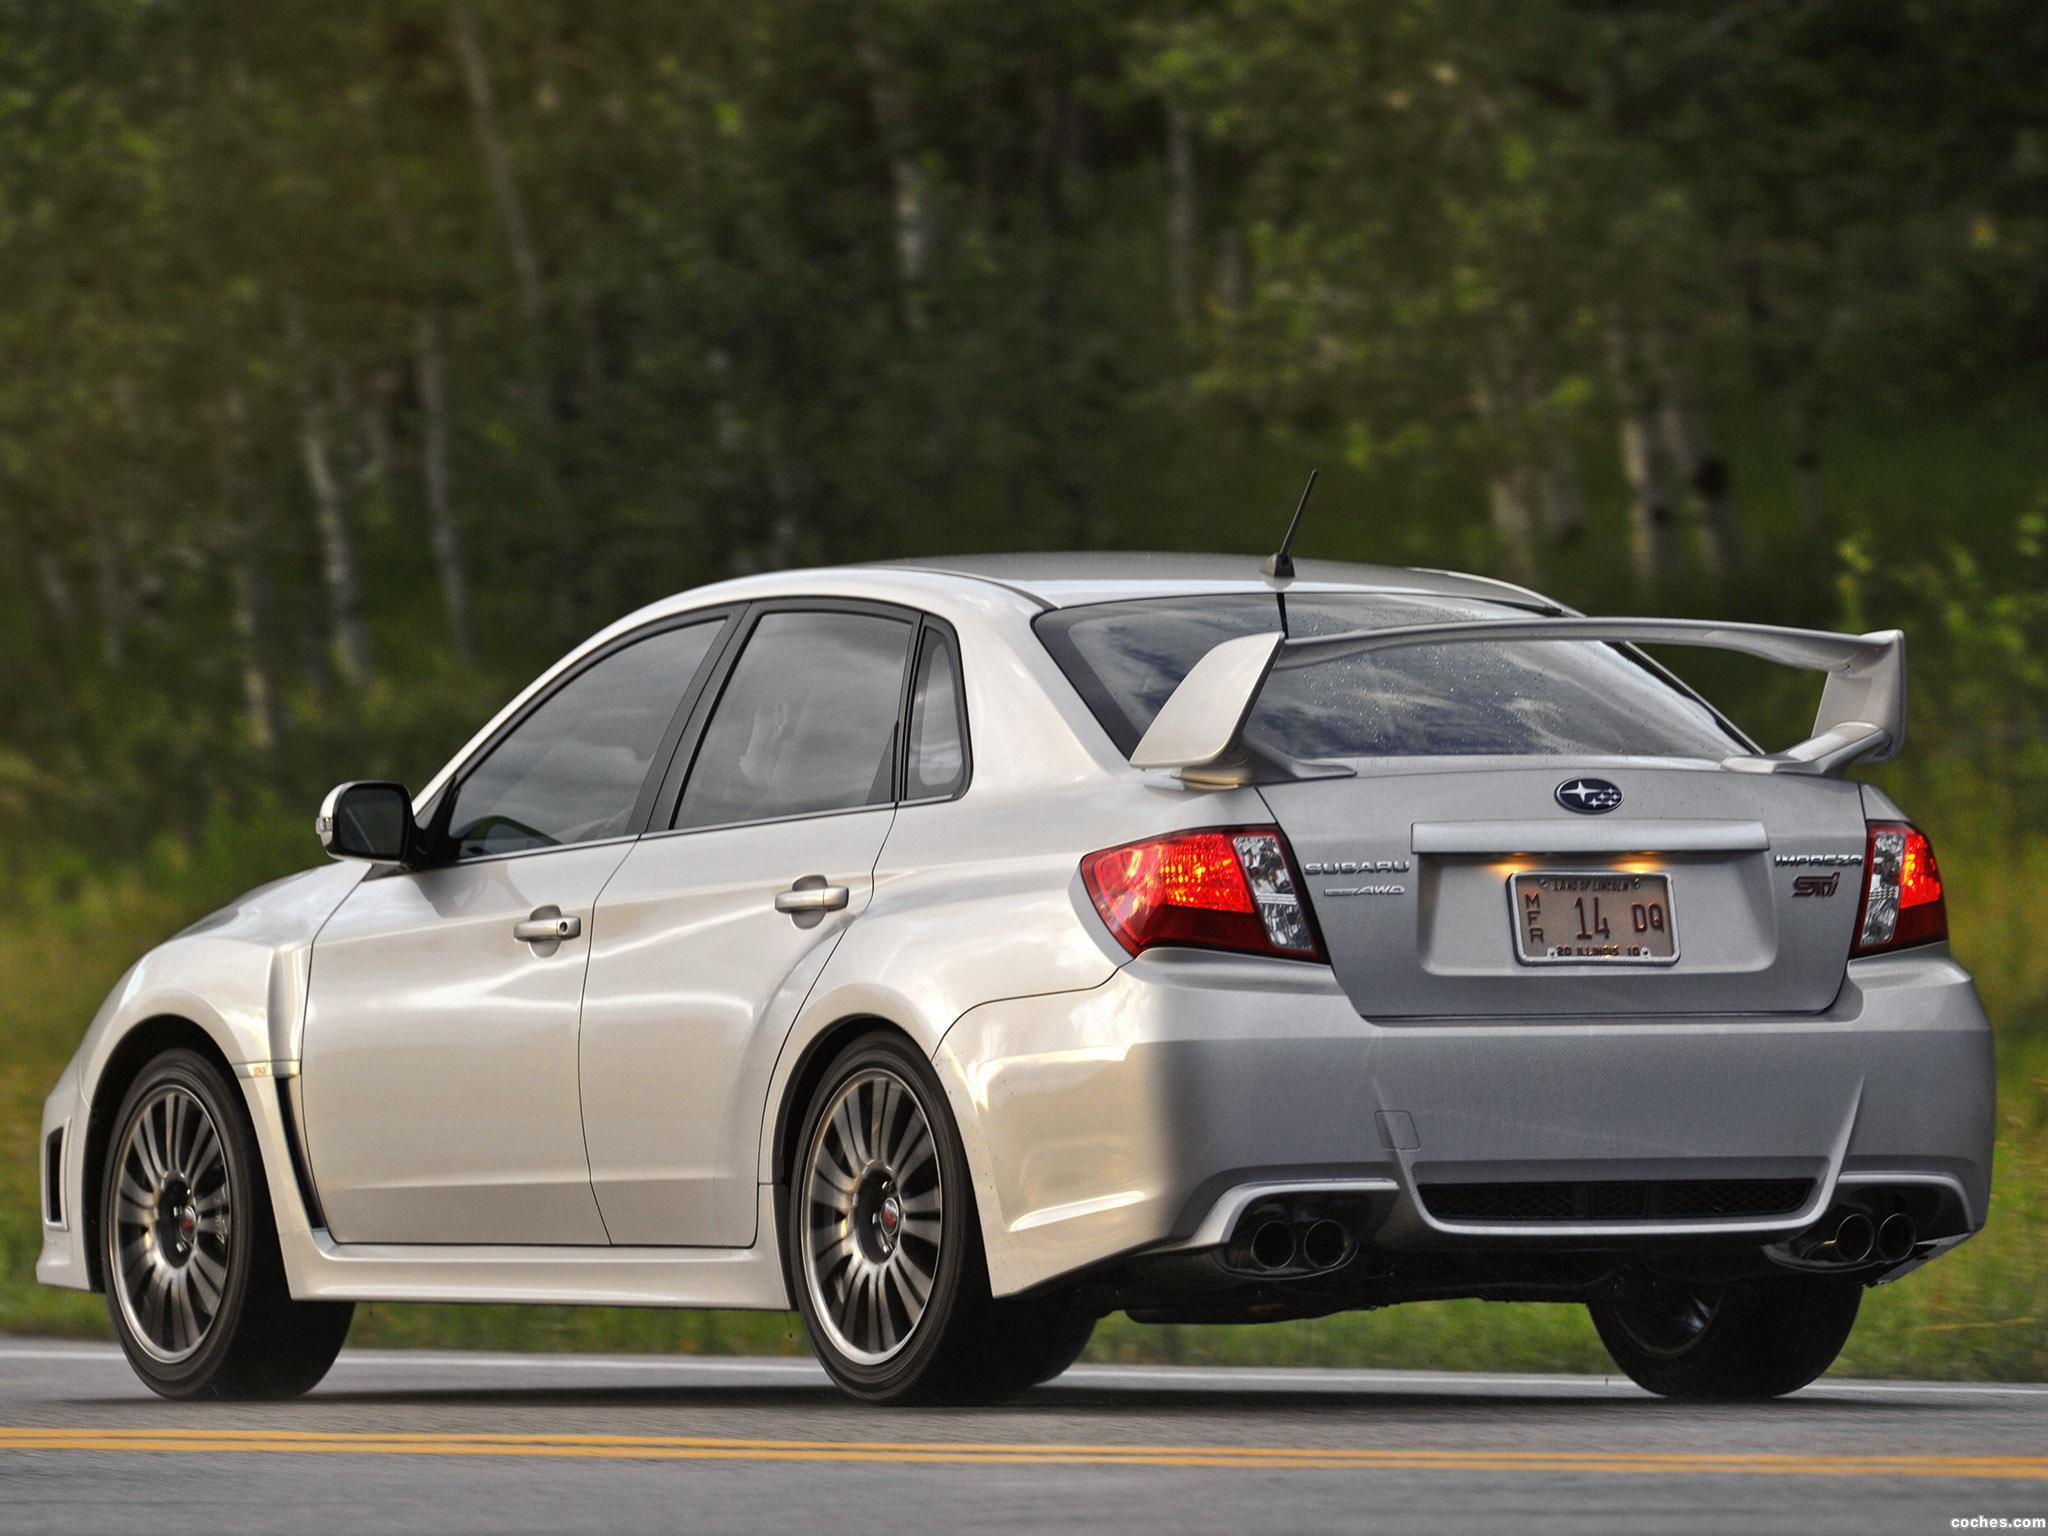 Foto 8 de Subaru Impreza WRX STi Sedan USA 2010